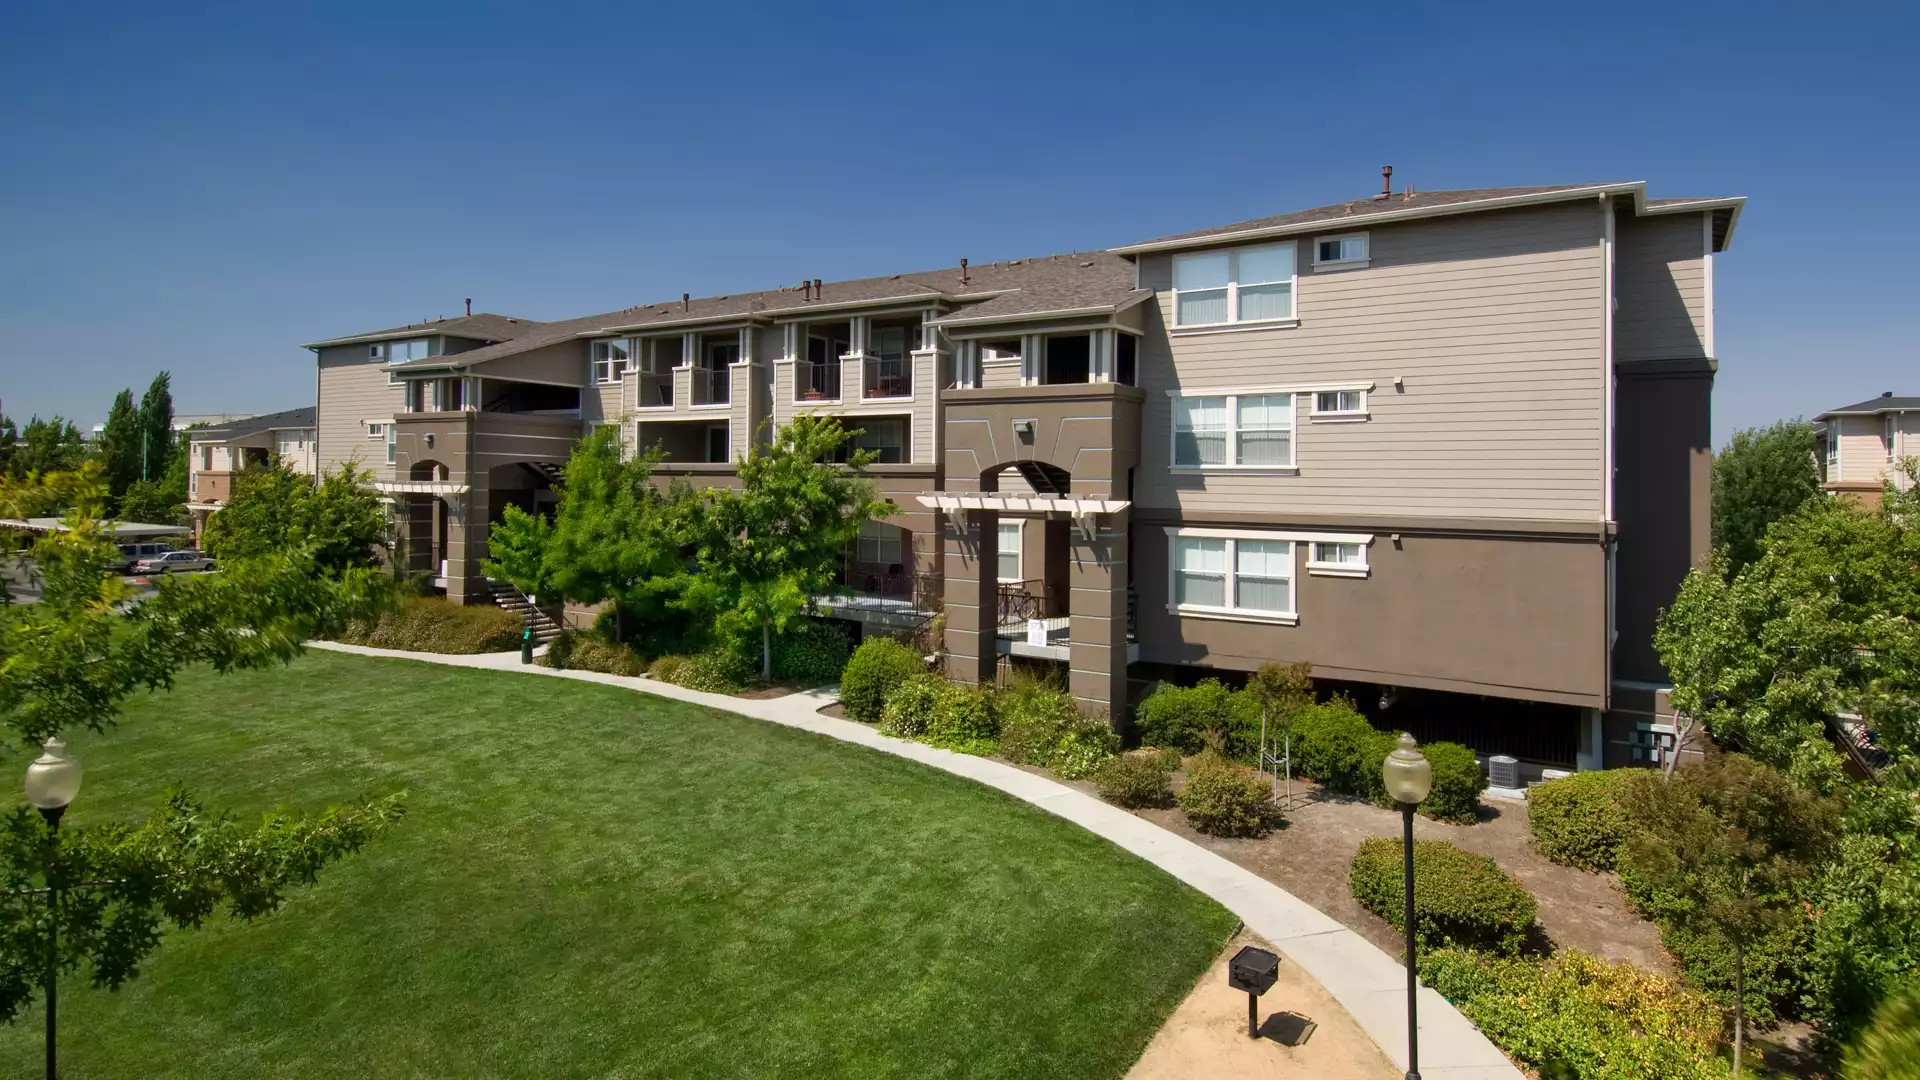 Park Hacienda Apartments - Pleasanton, CA